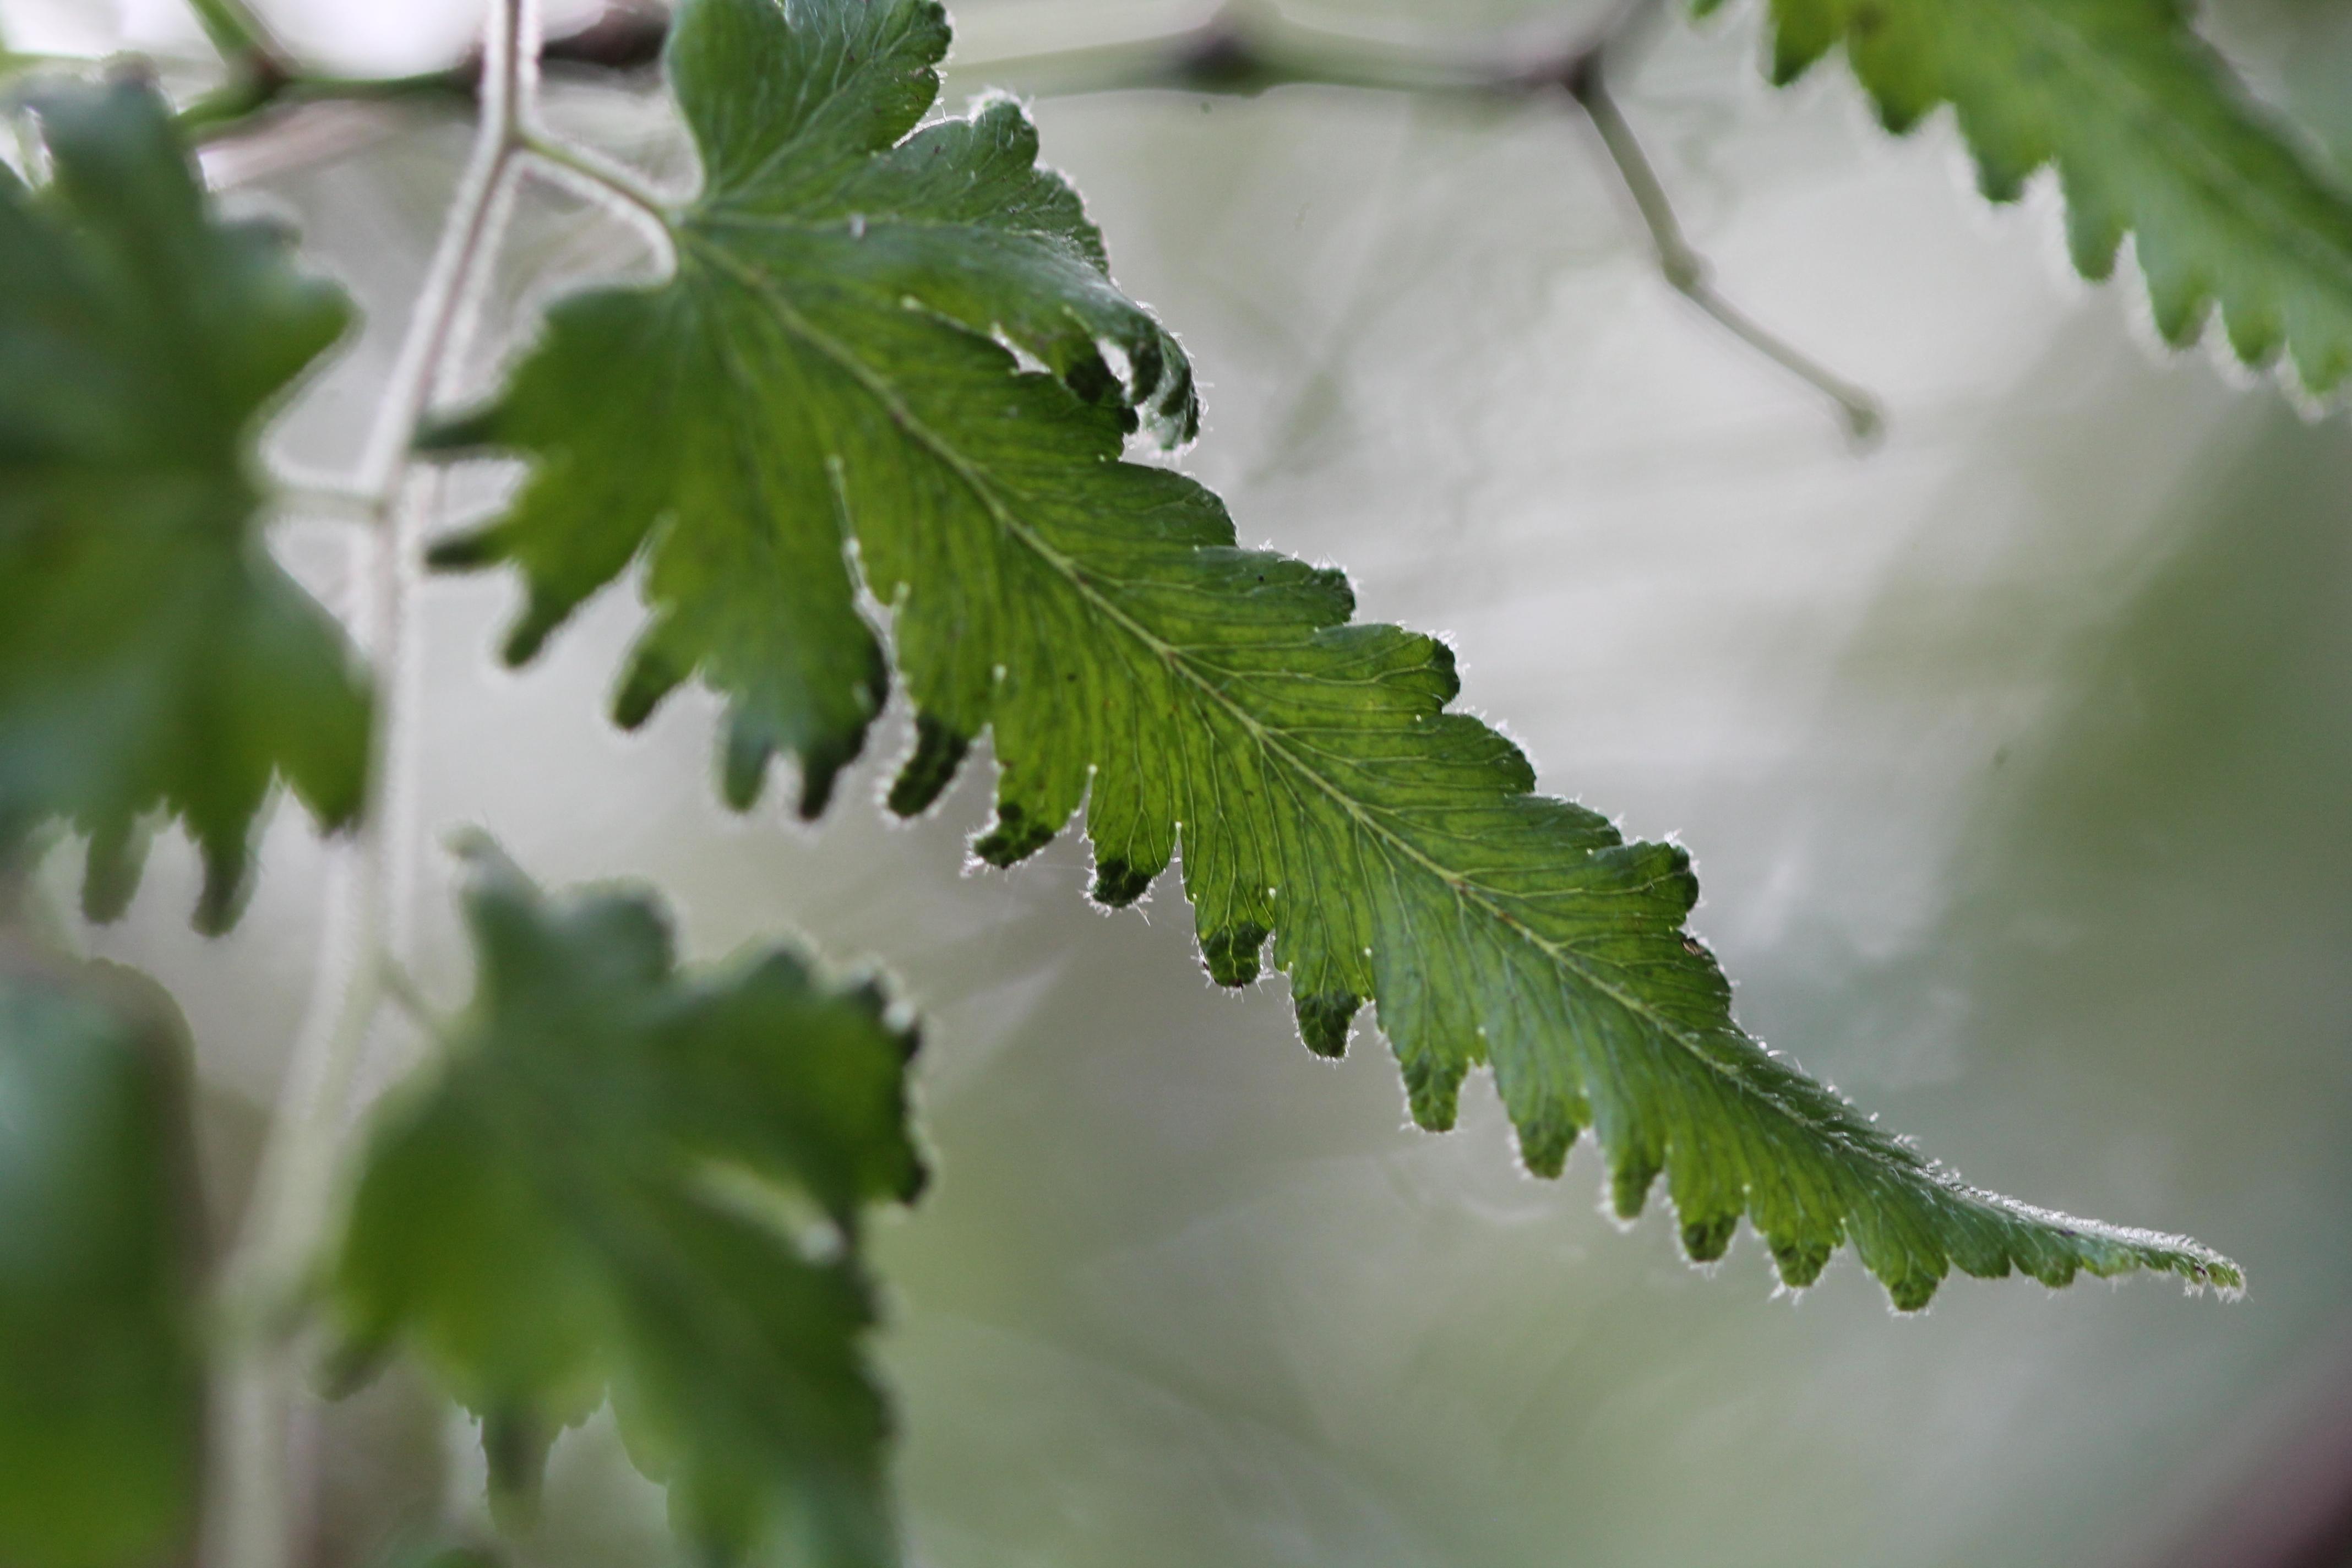 Lygodium venustum